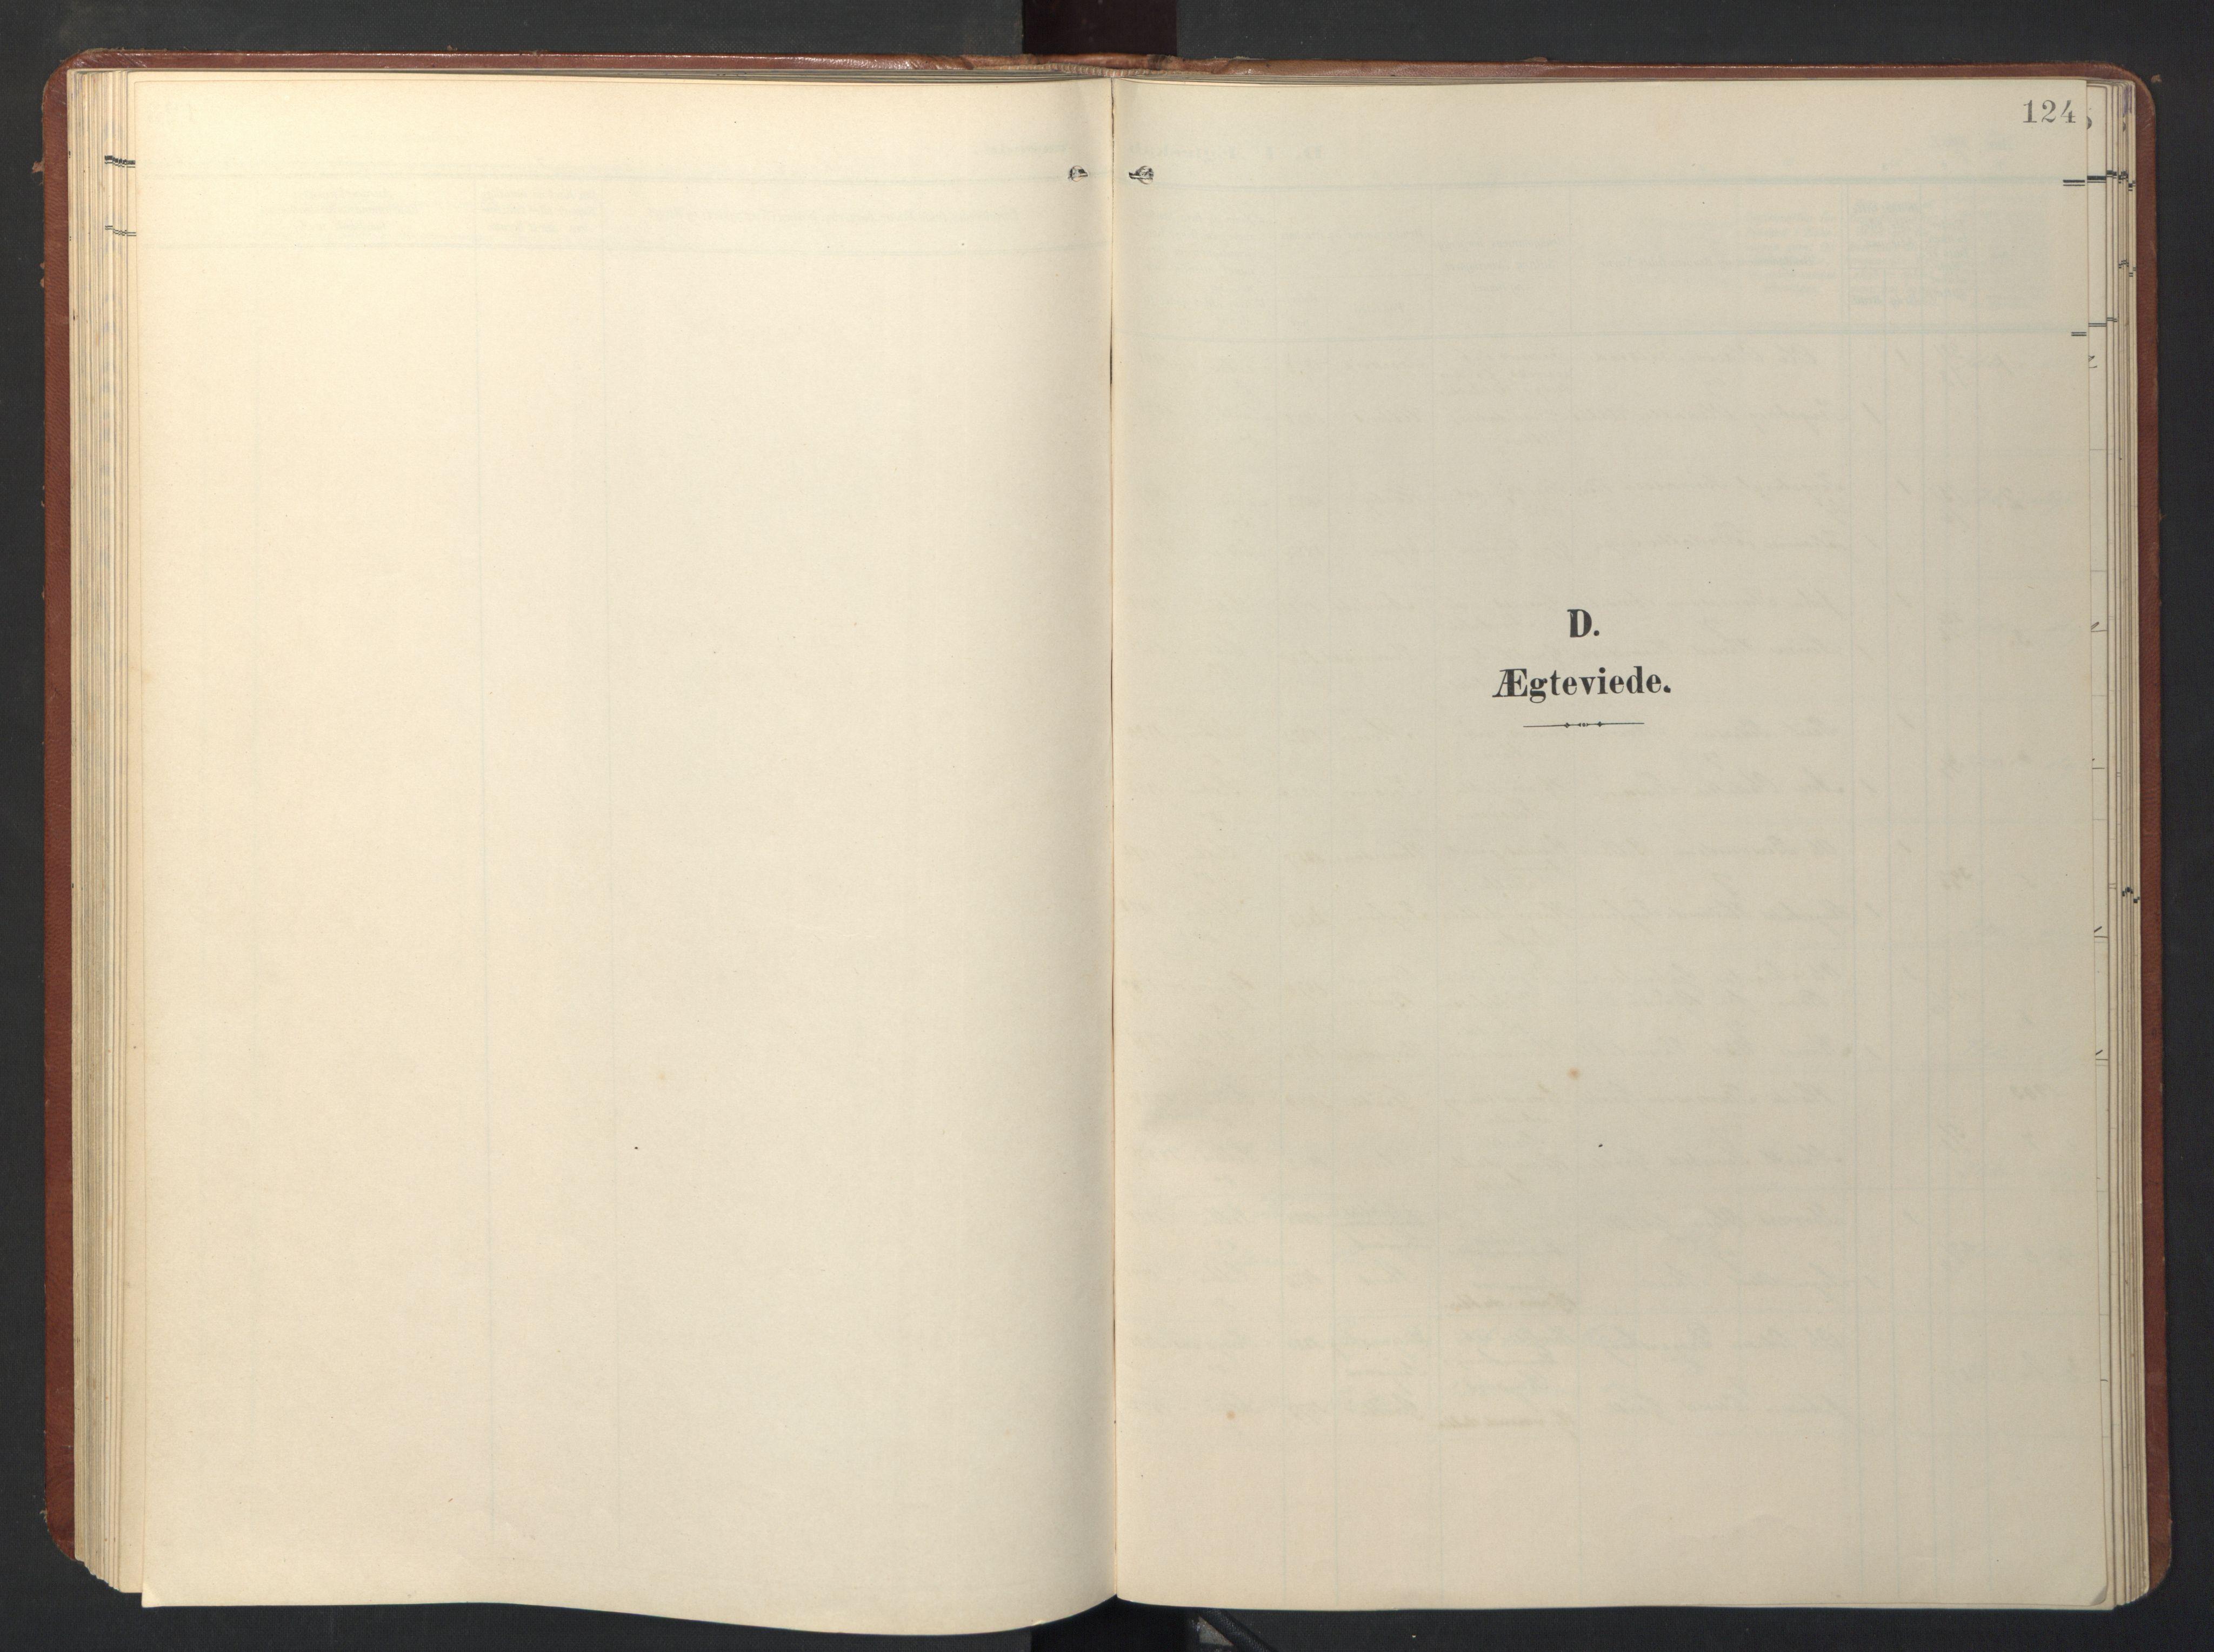 SAT, Ministerialprotokoller, klokkerbøker og fødselsregistre - Sør-Trøndelag, 696/L1161: Klokkerbok nr. 696C01, 1902-1950, s. 124